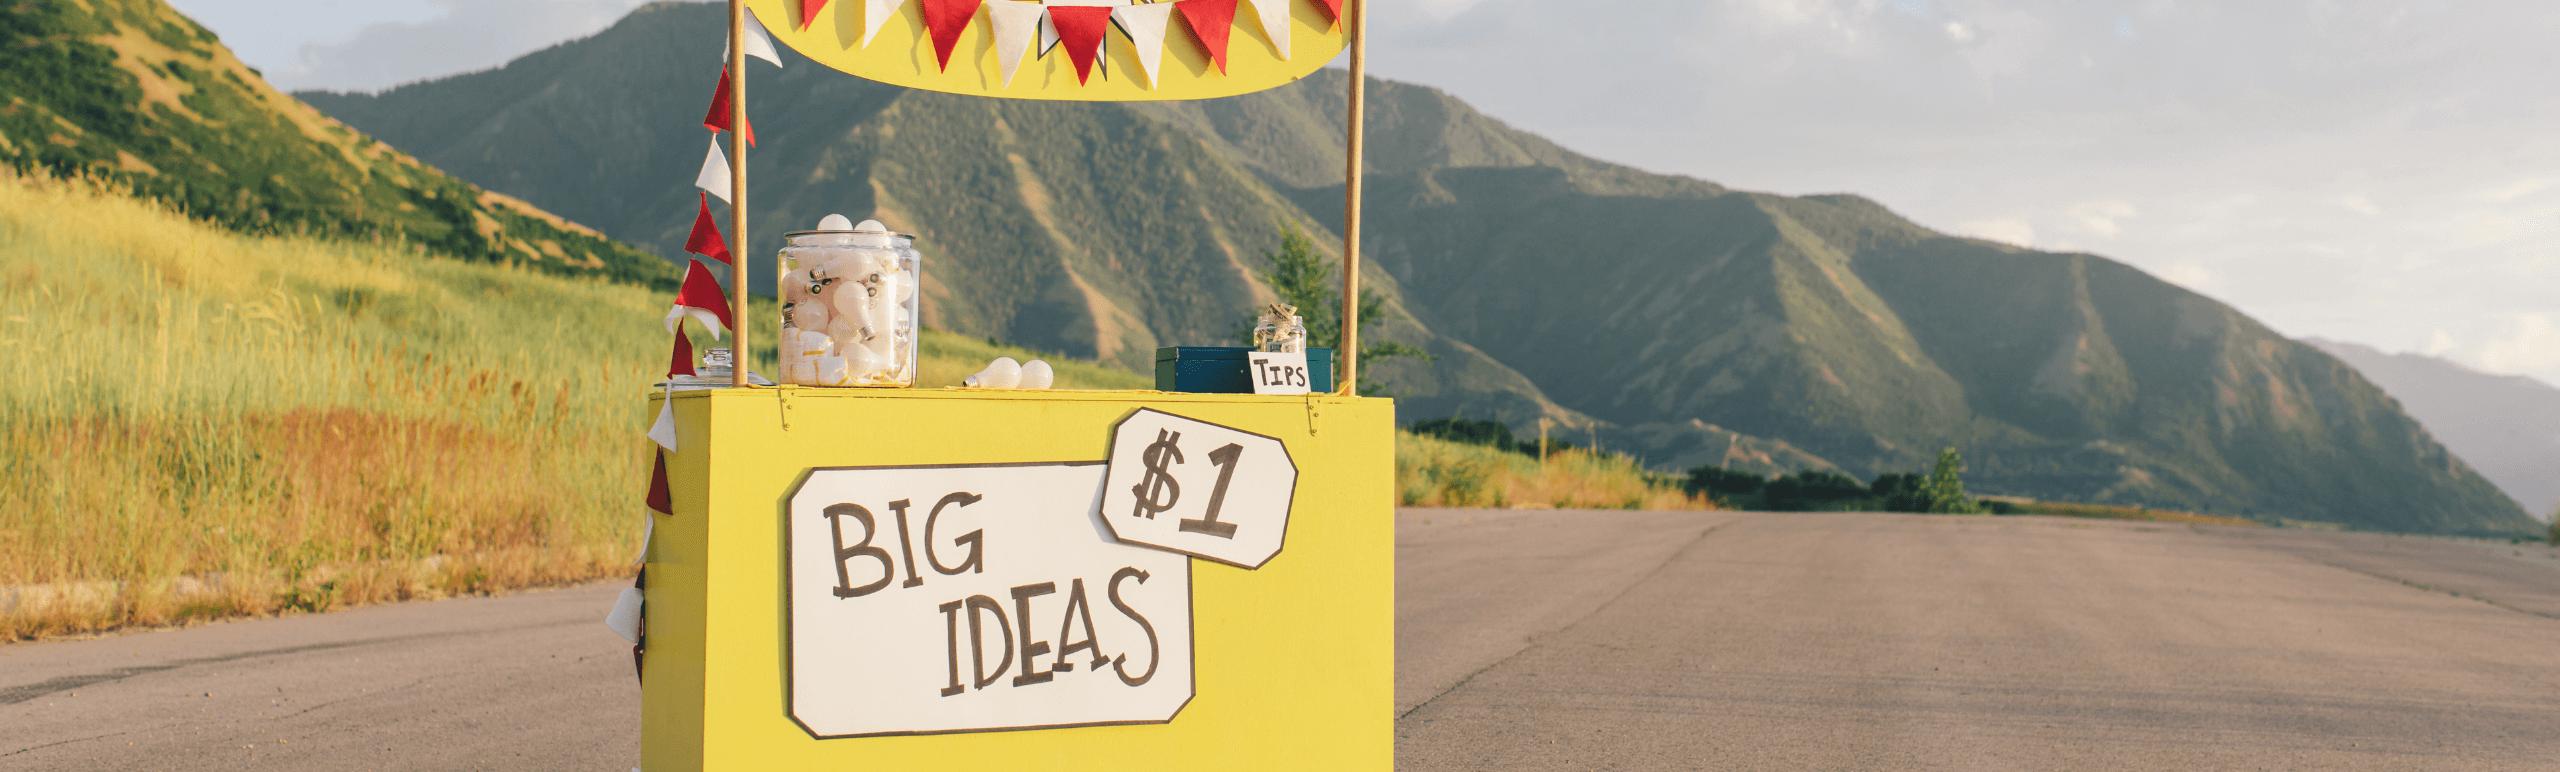 Lokales Online-Marketing für mehr Kunden in Ihrer Nähe